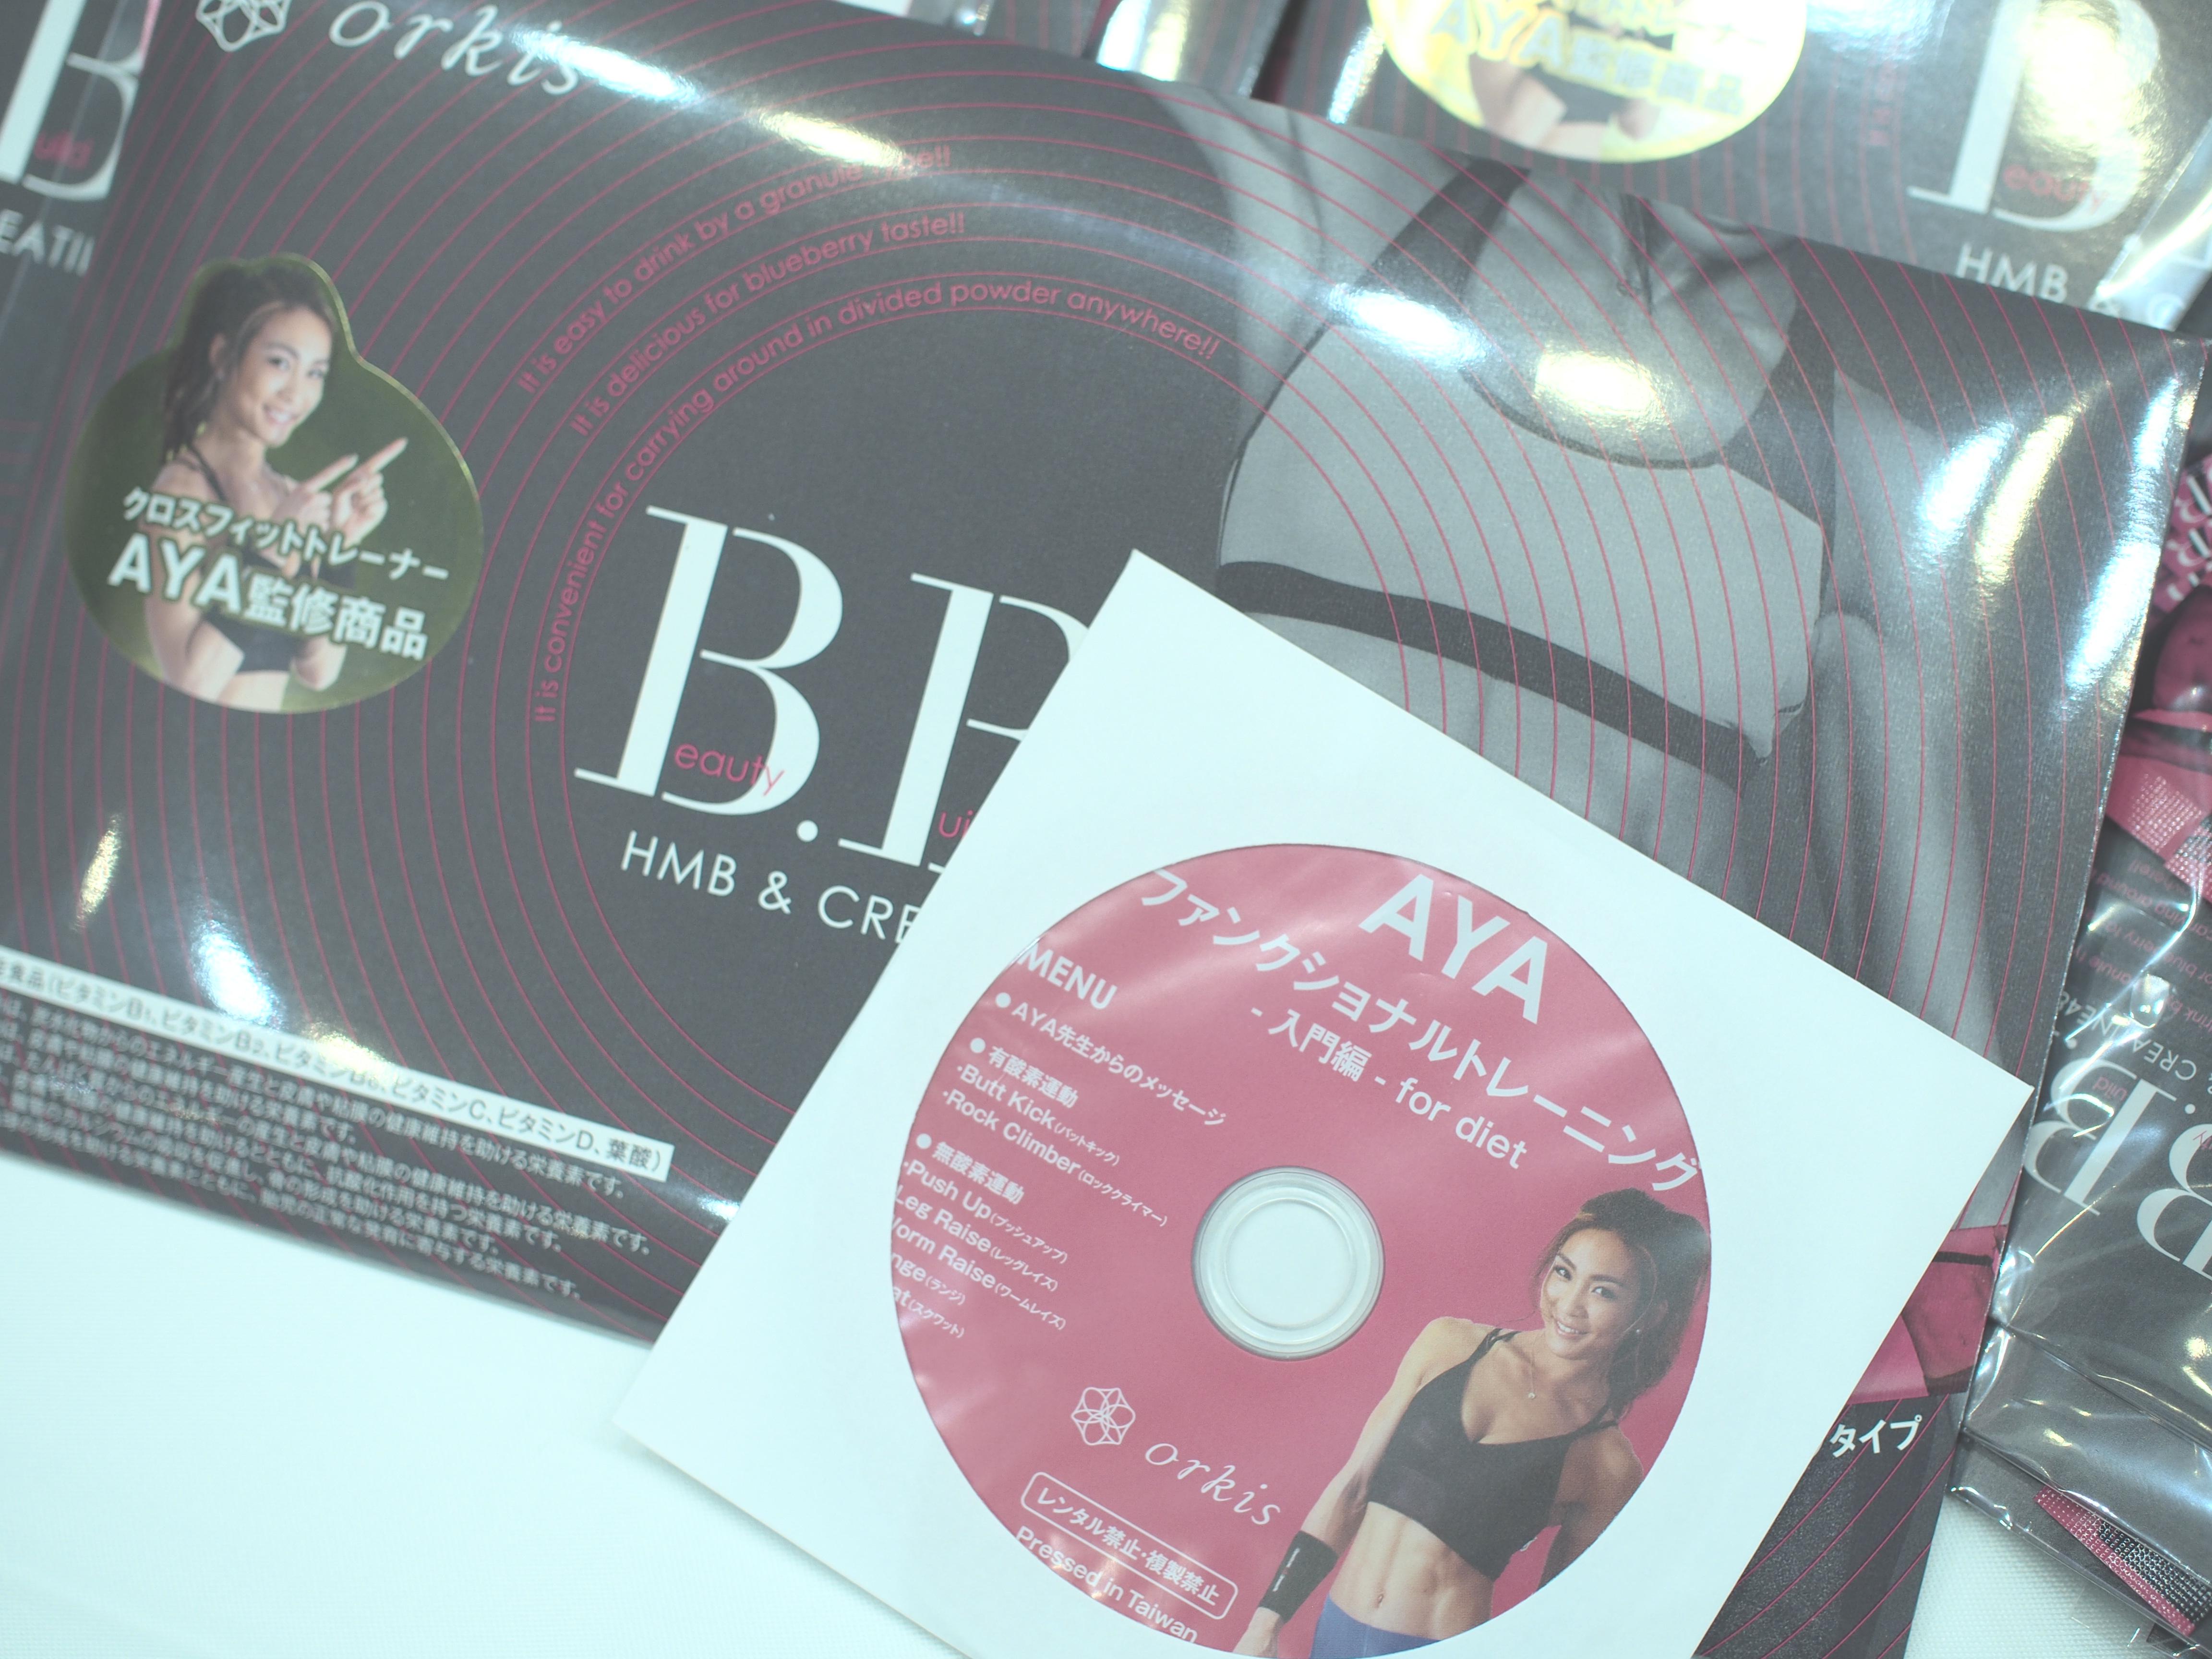 トリプルビー dvd